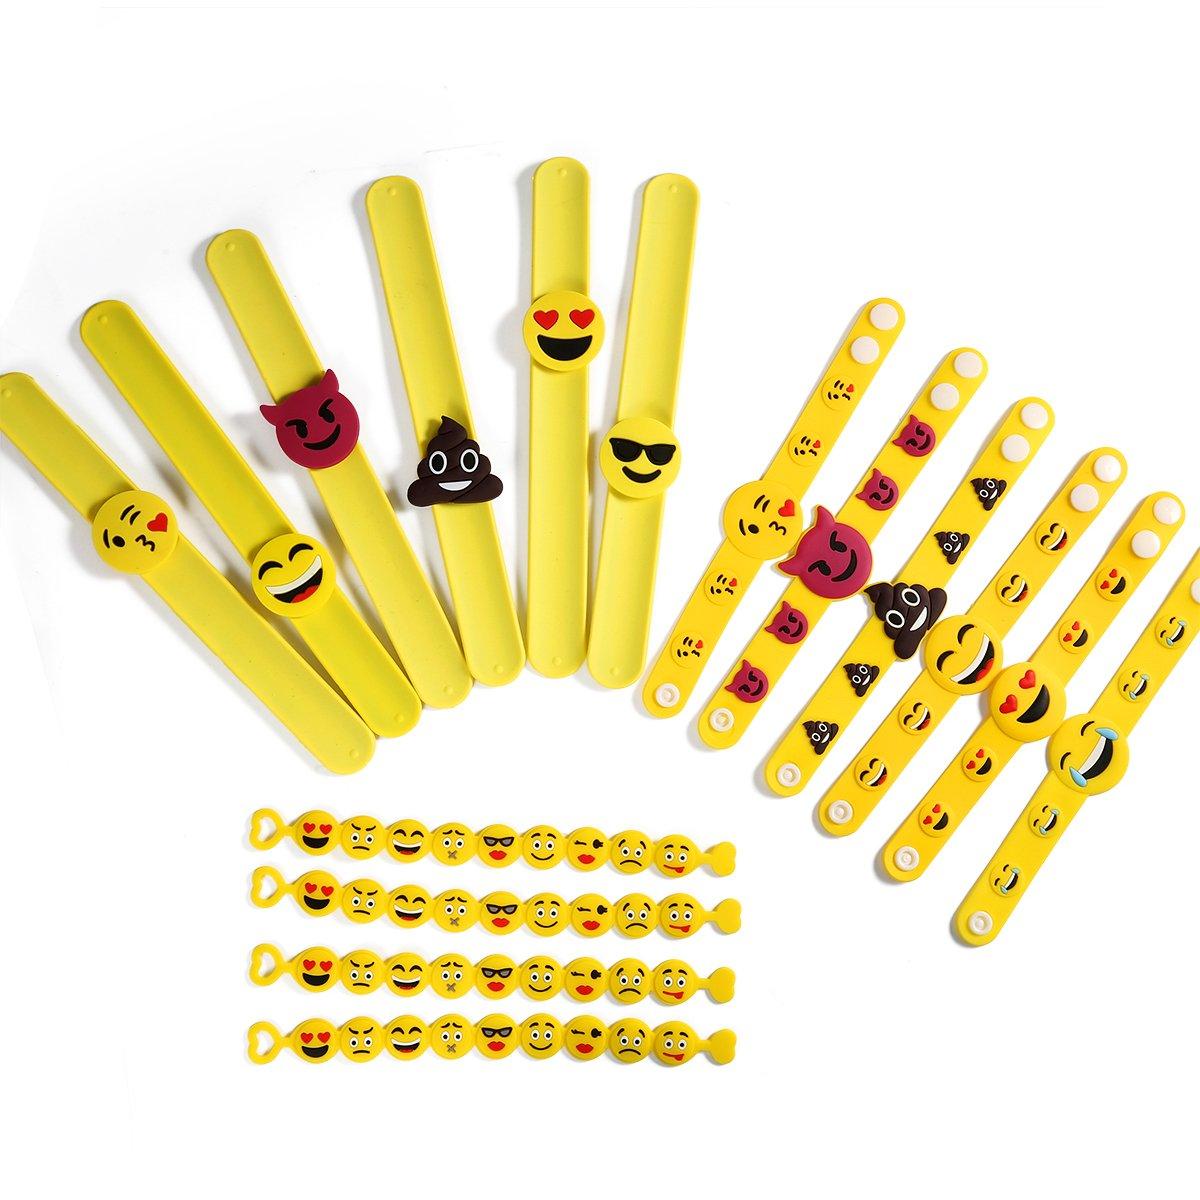 ONEDONE Emoji emoji pulsera pulseras de goma de silicona juguetes infantiles para